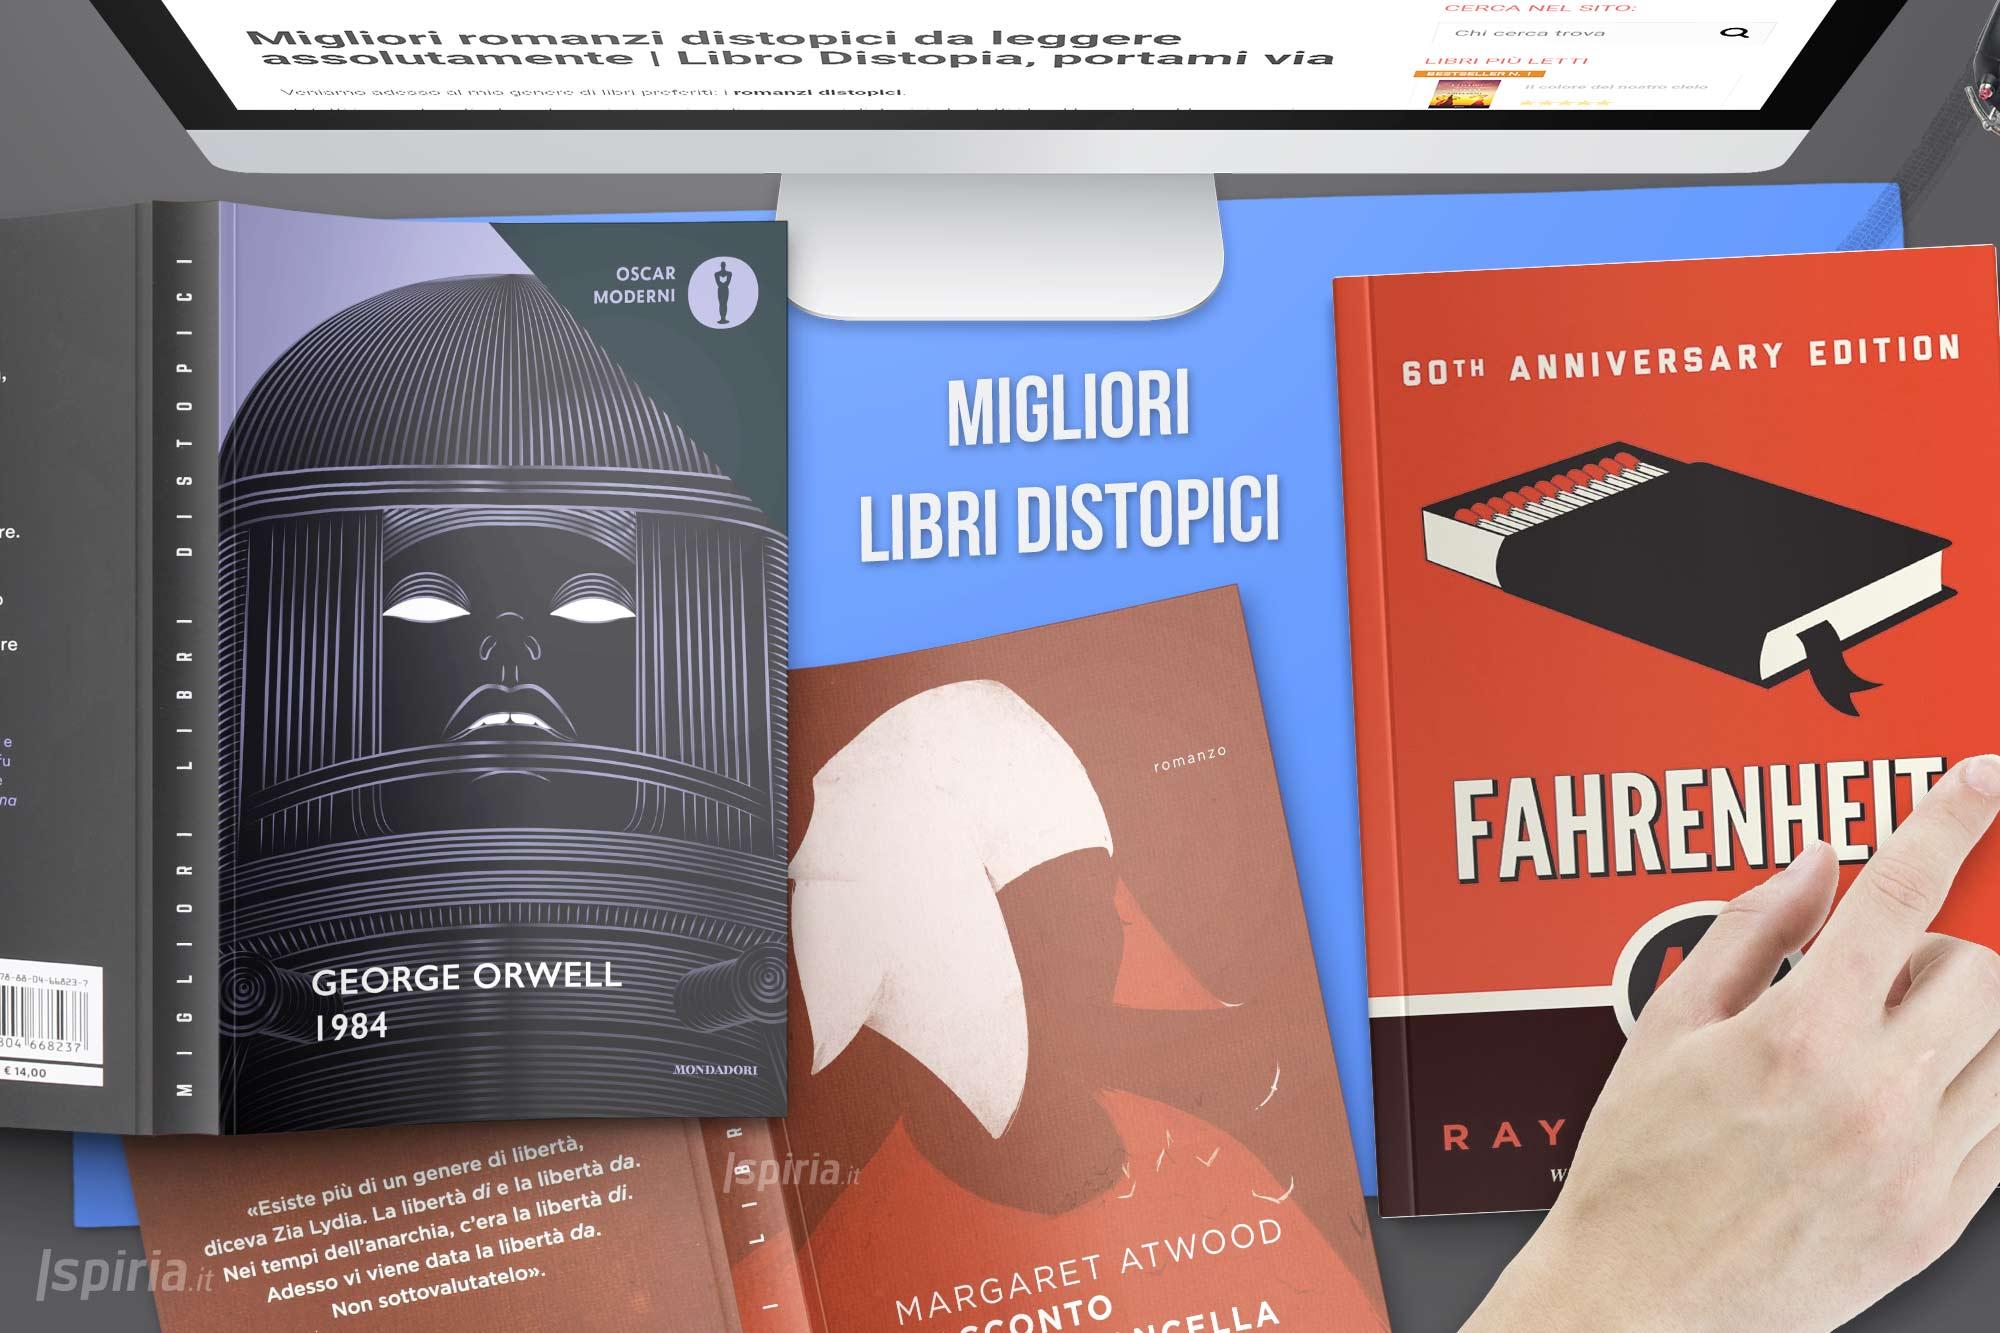 Migliori Romanzi Distopici Da Leggere Assolutamente | Libro Distopia